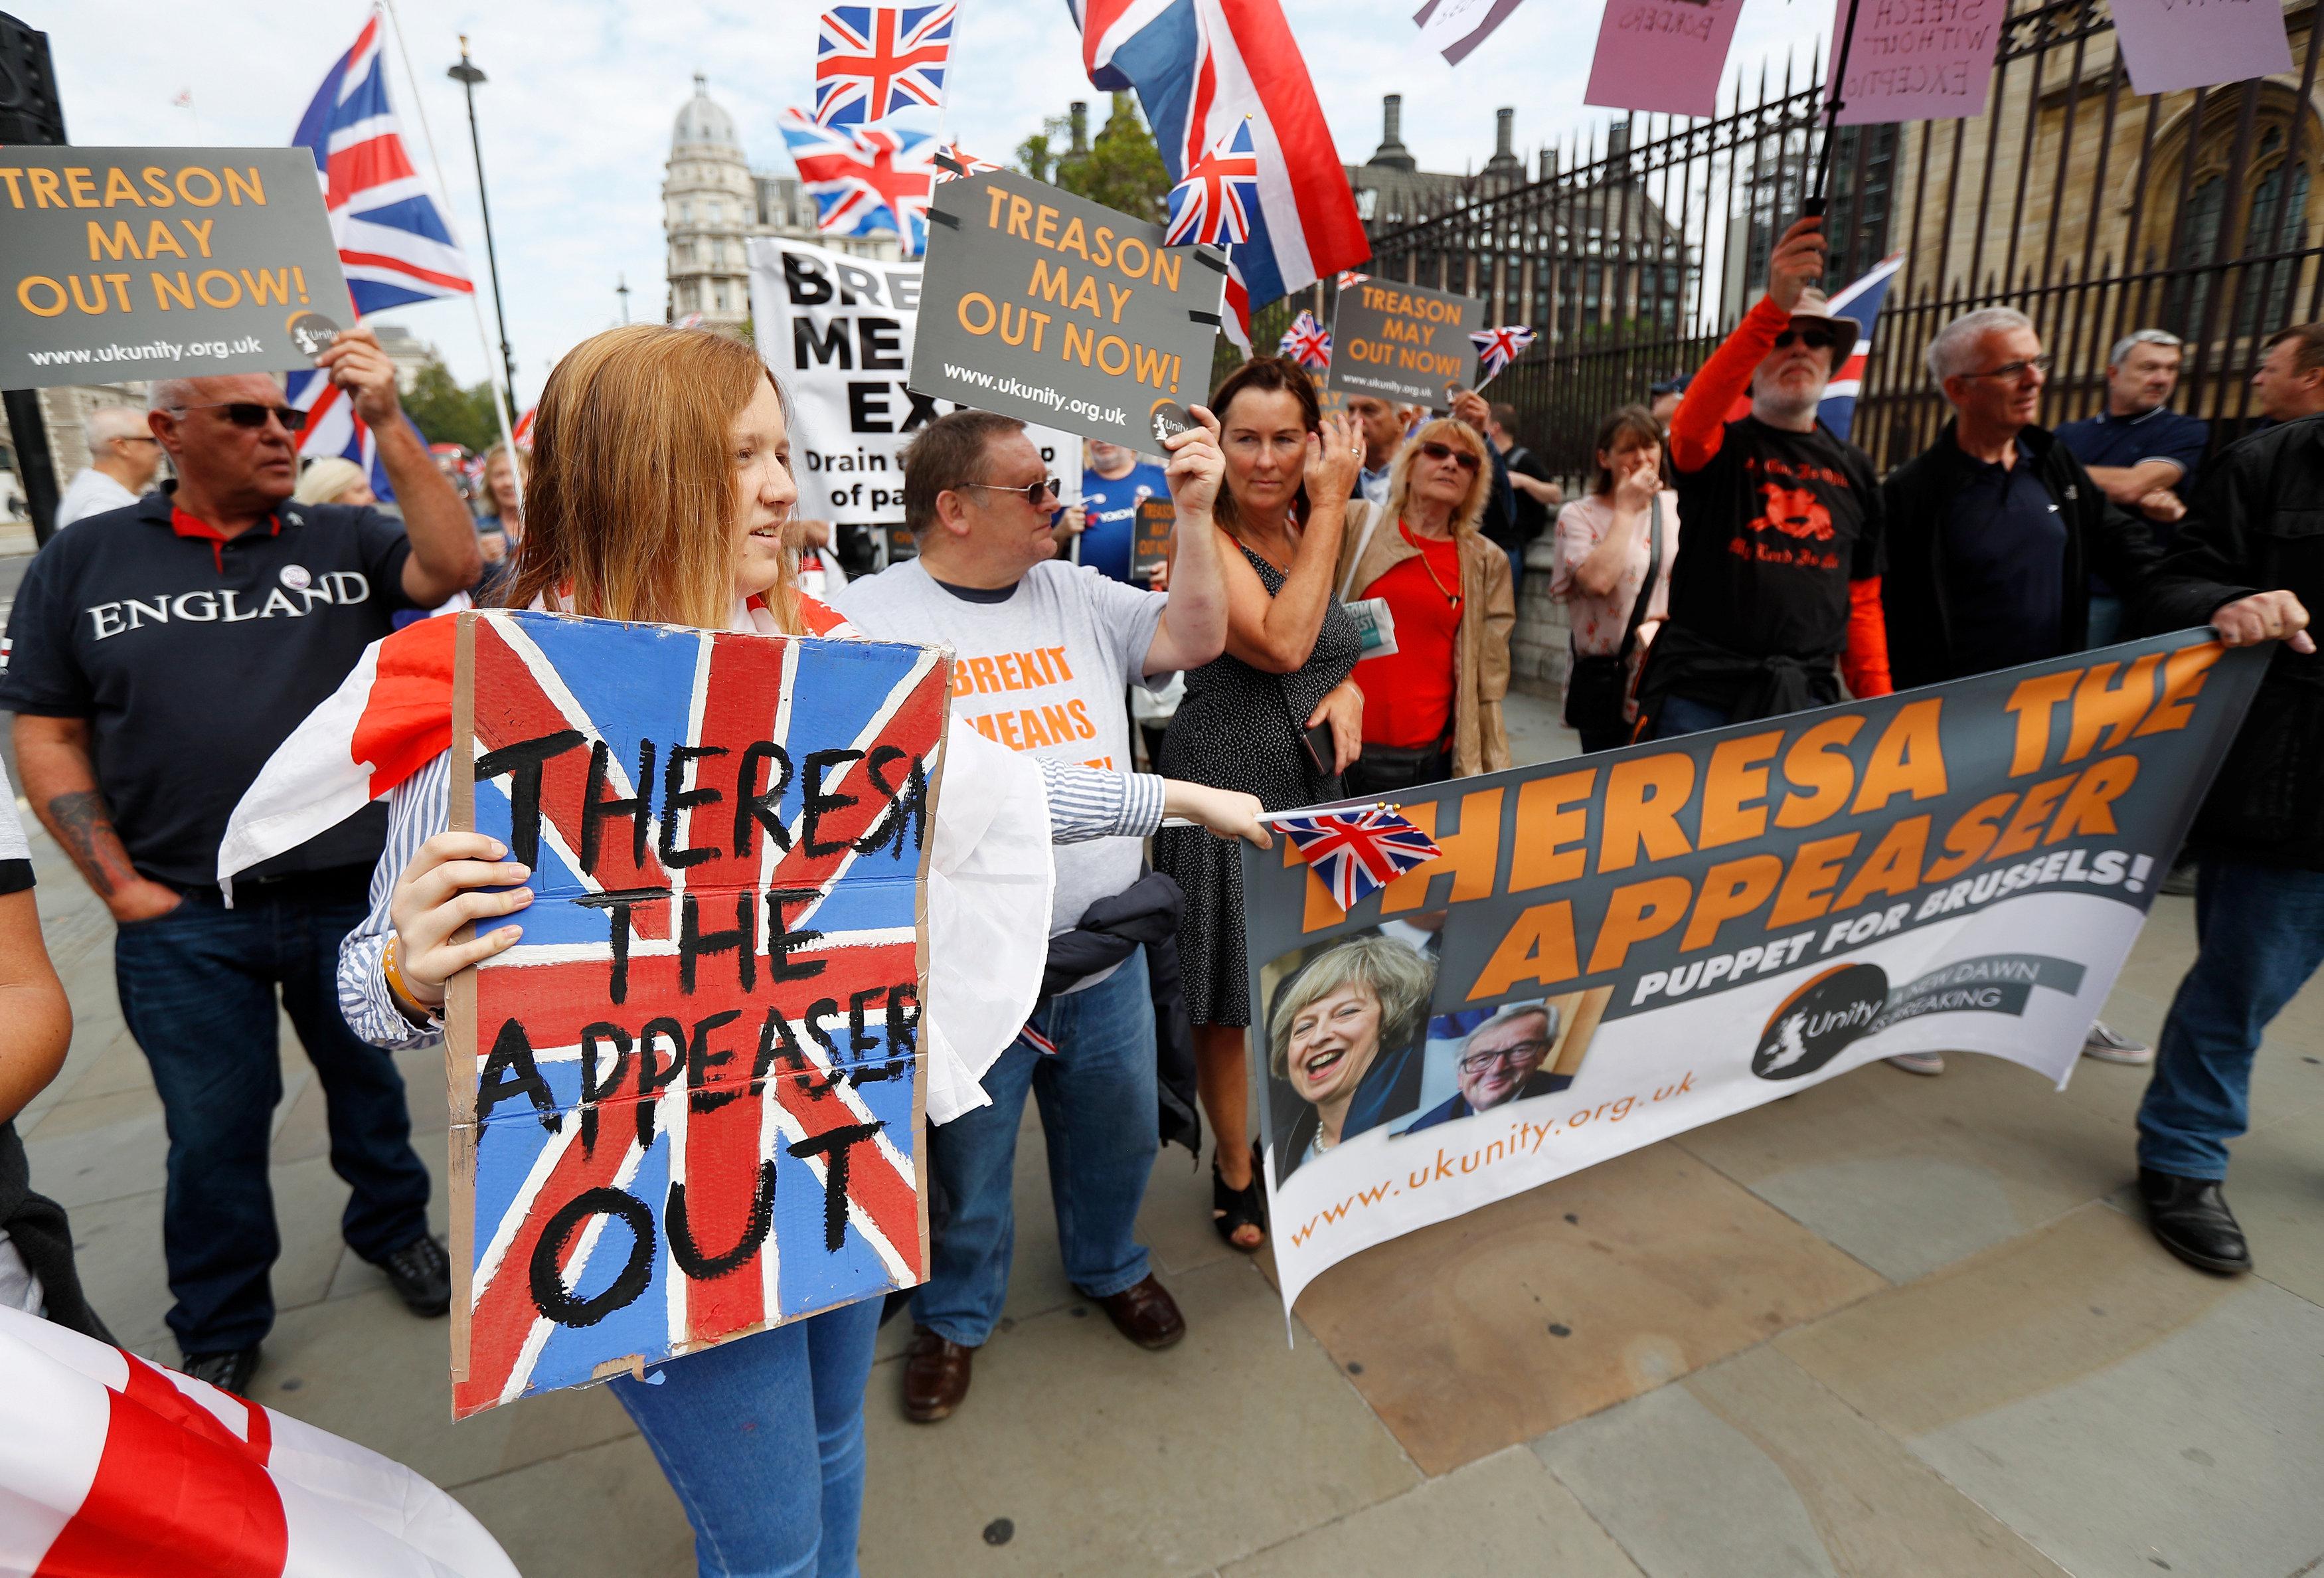 متظاهرون يحملون اللافتات المناوئة لماى